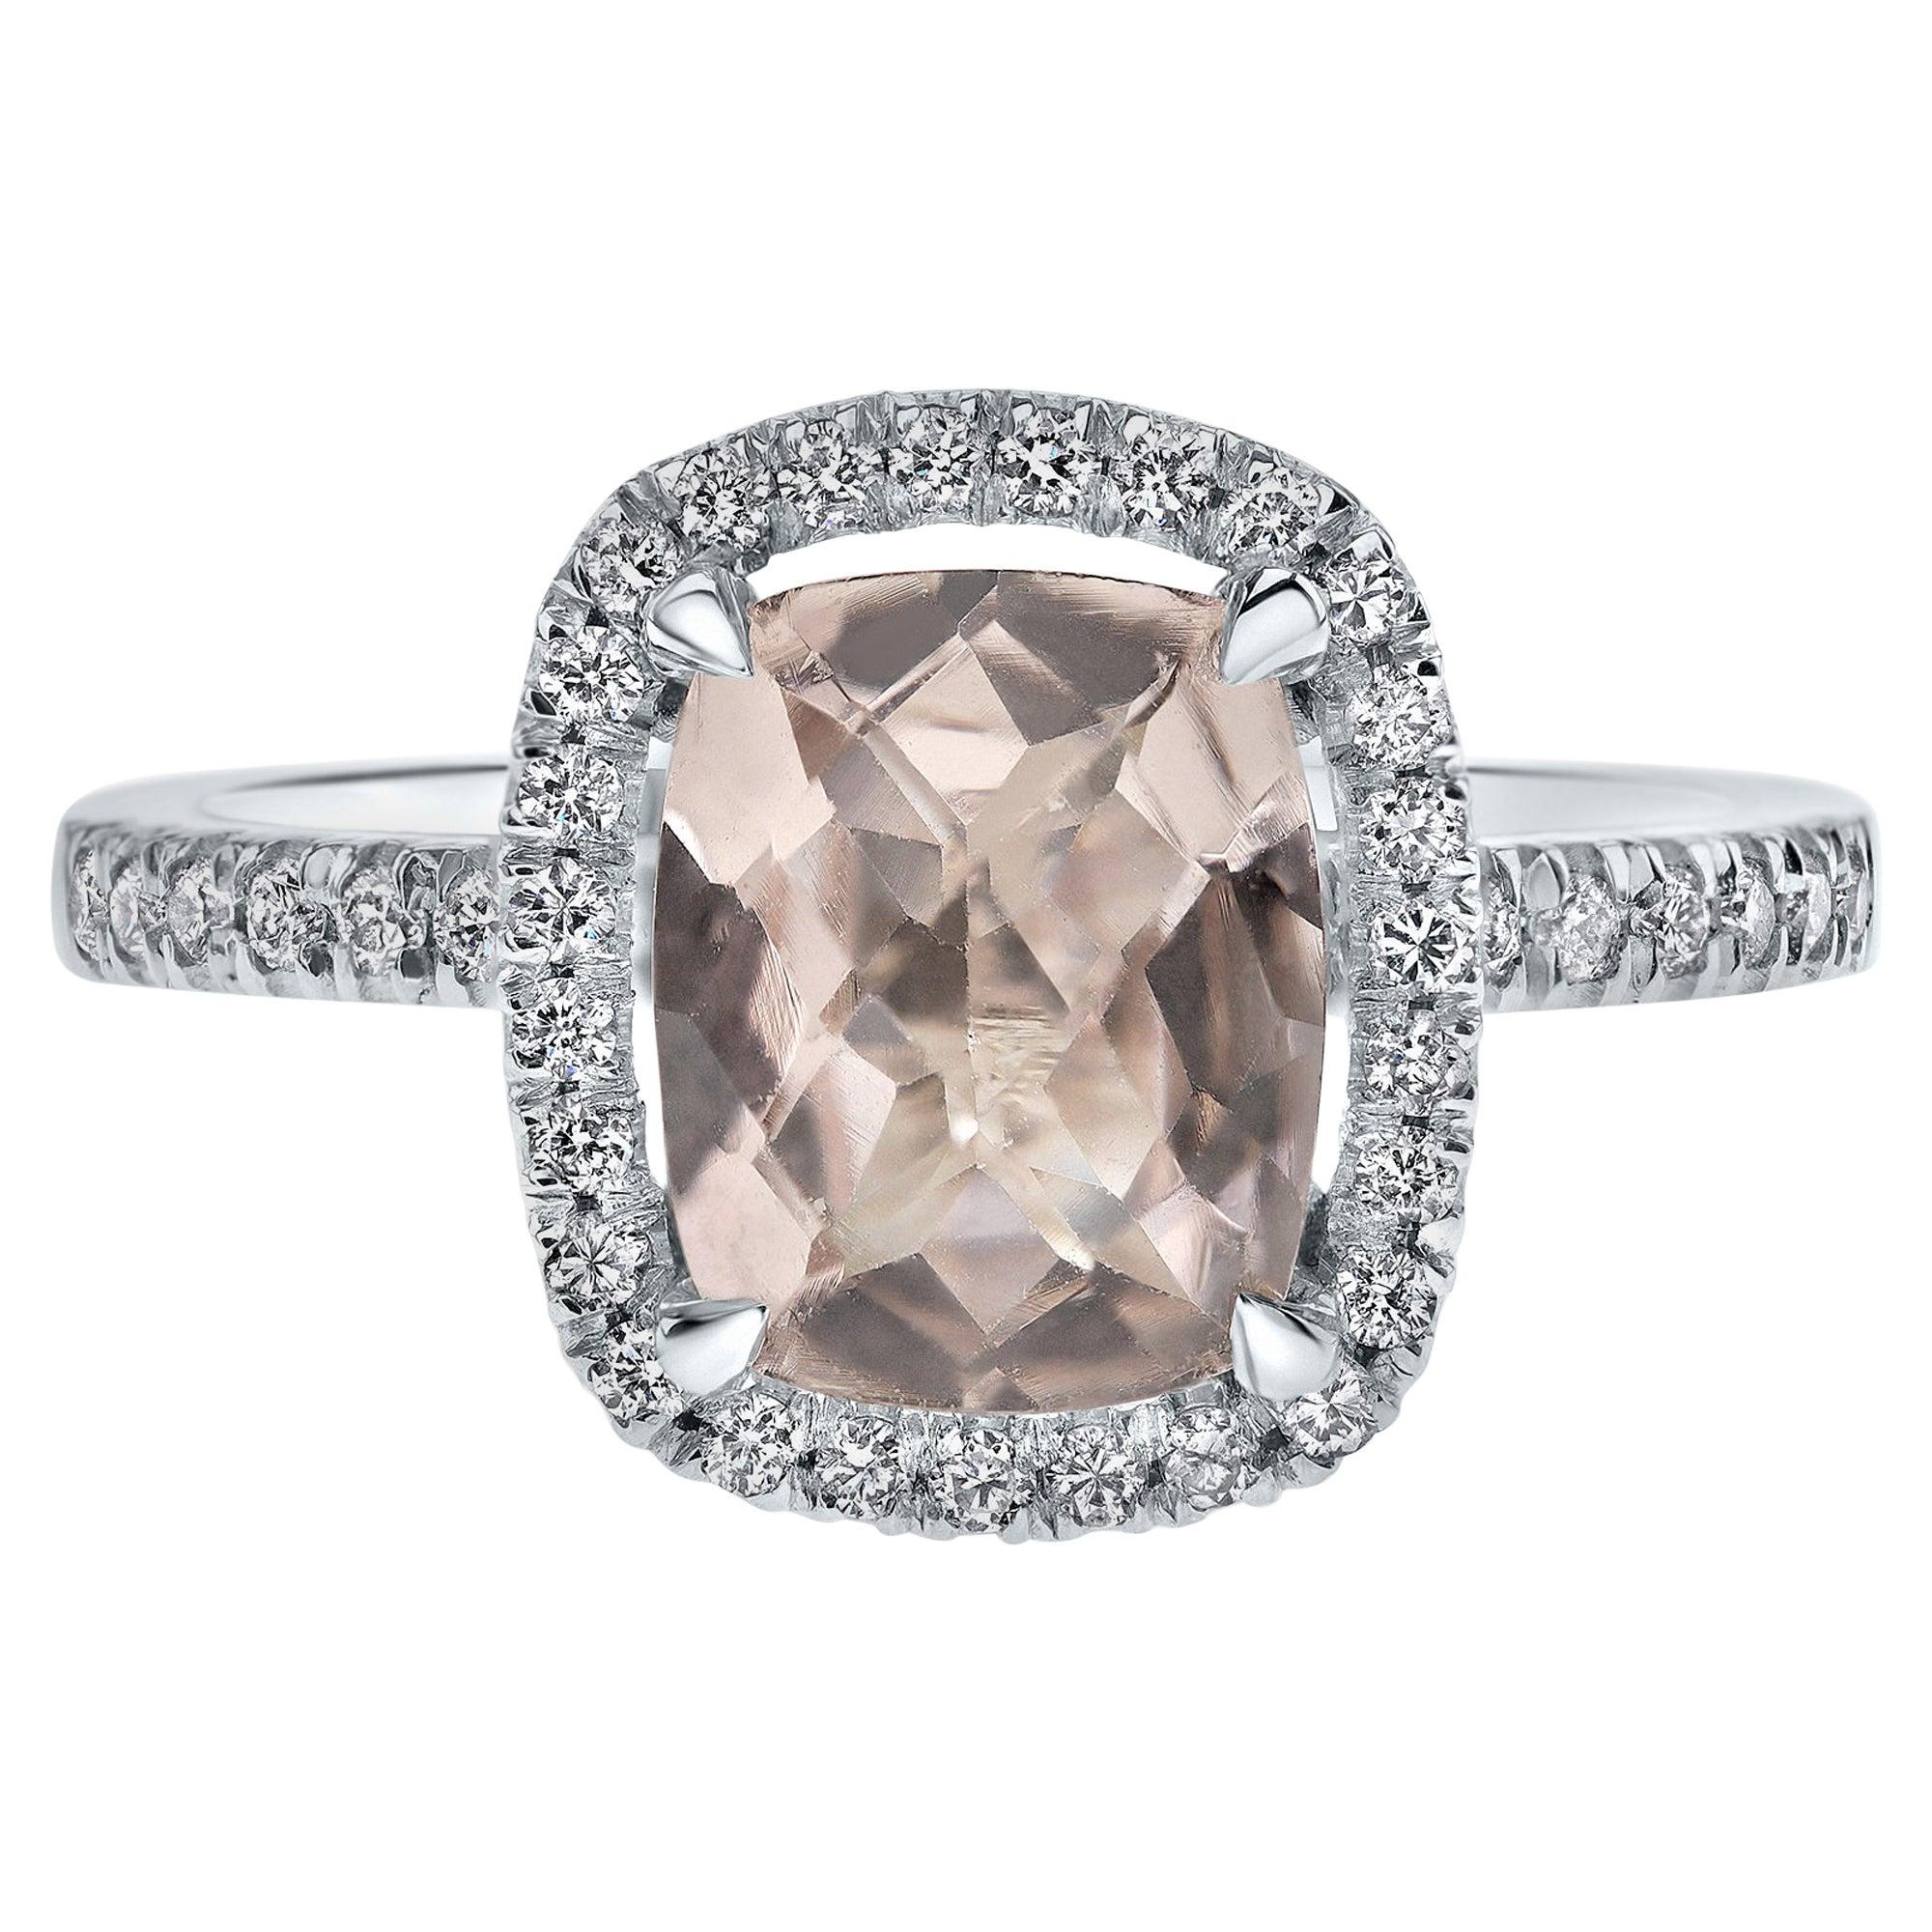 Shlomit Rogel, 1.7 Carat Morganite and Diamonds Ring in 14 Karat White Gold